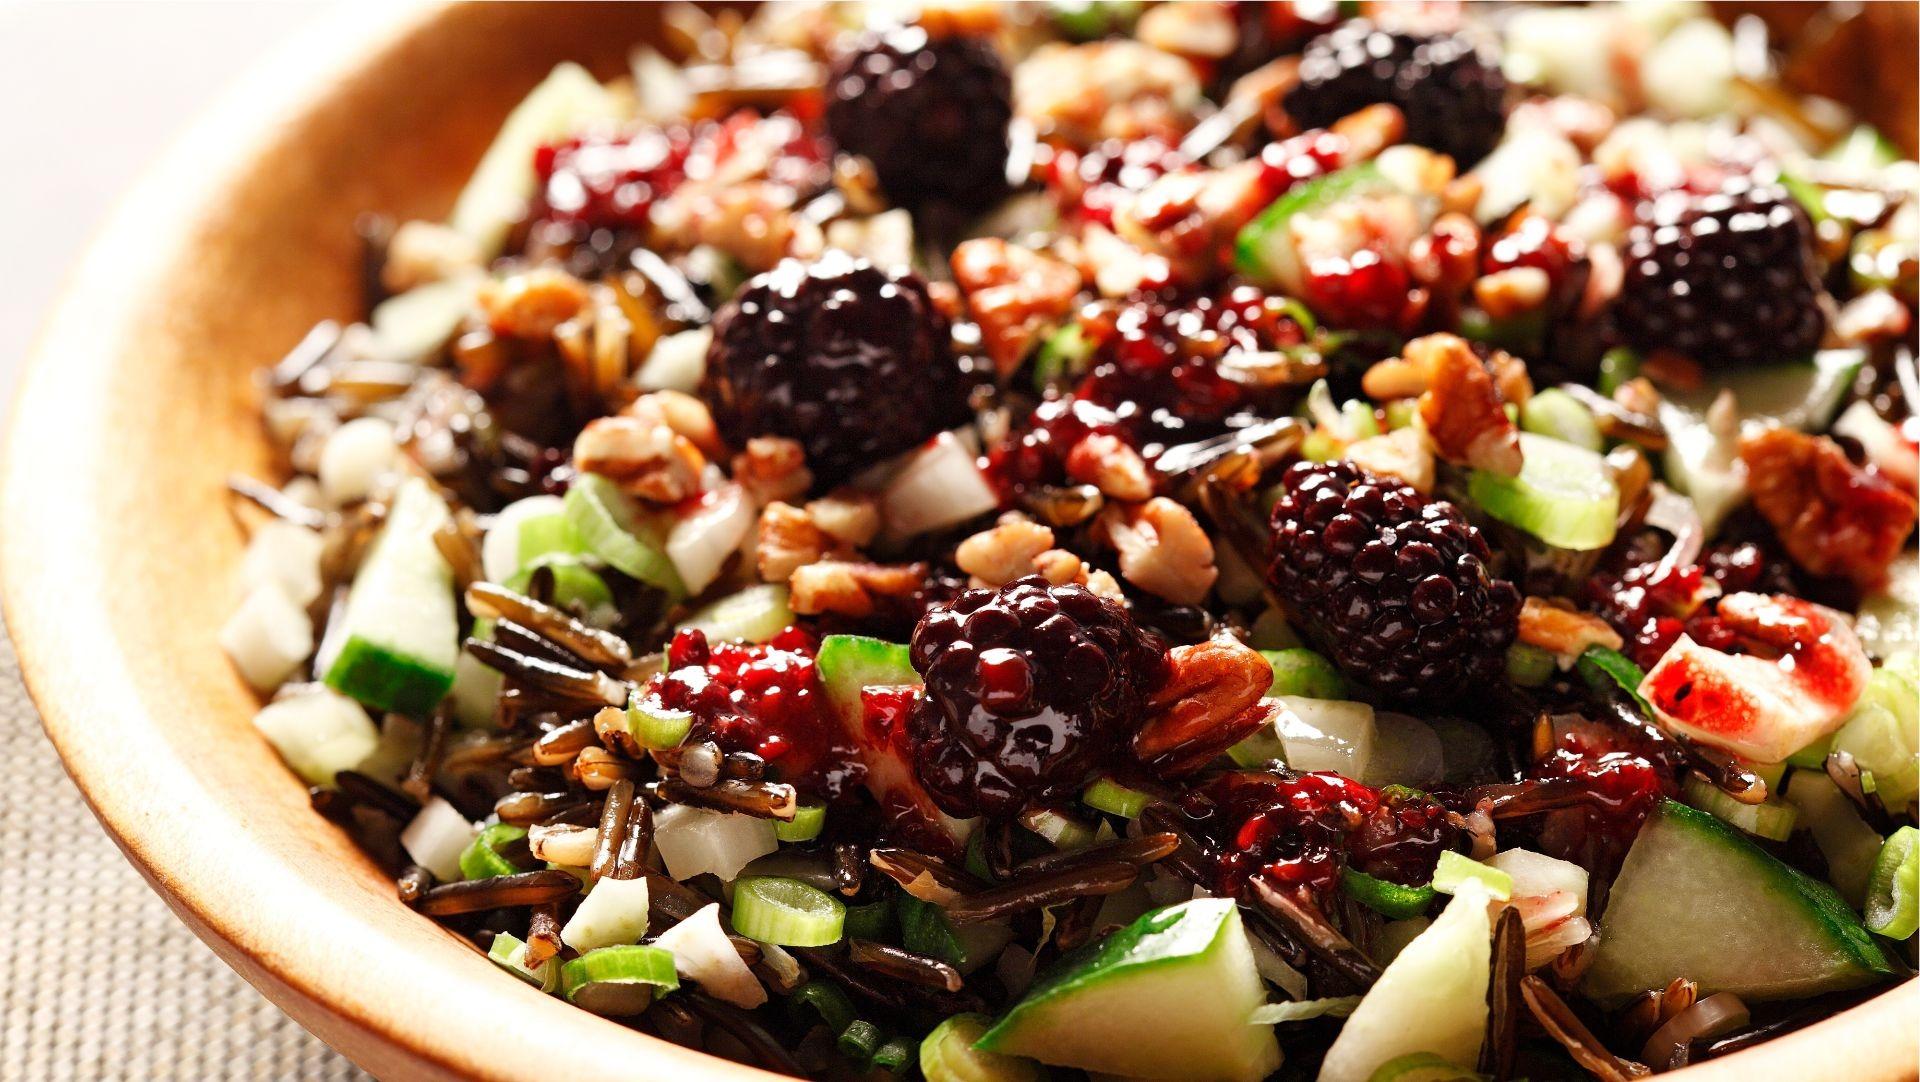 Salade croustillante de riz sauvage avec vinaigrette de mûre dans un bol de bois.